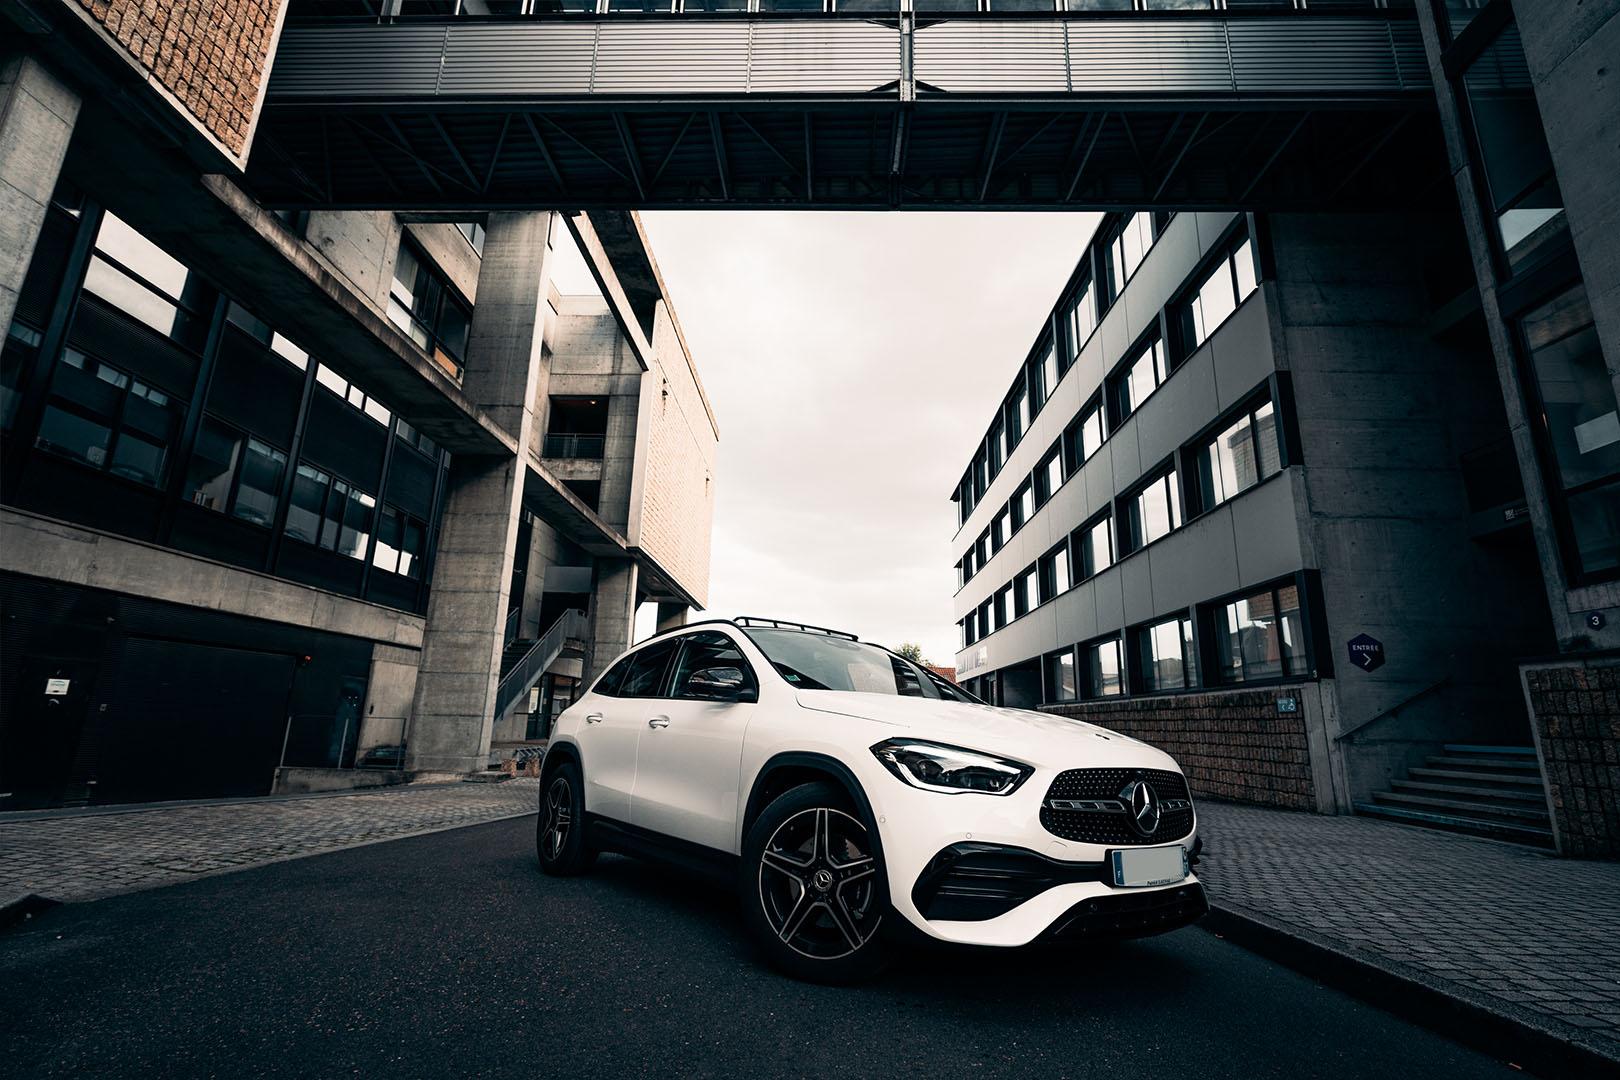 Mercedes_outside-1